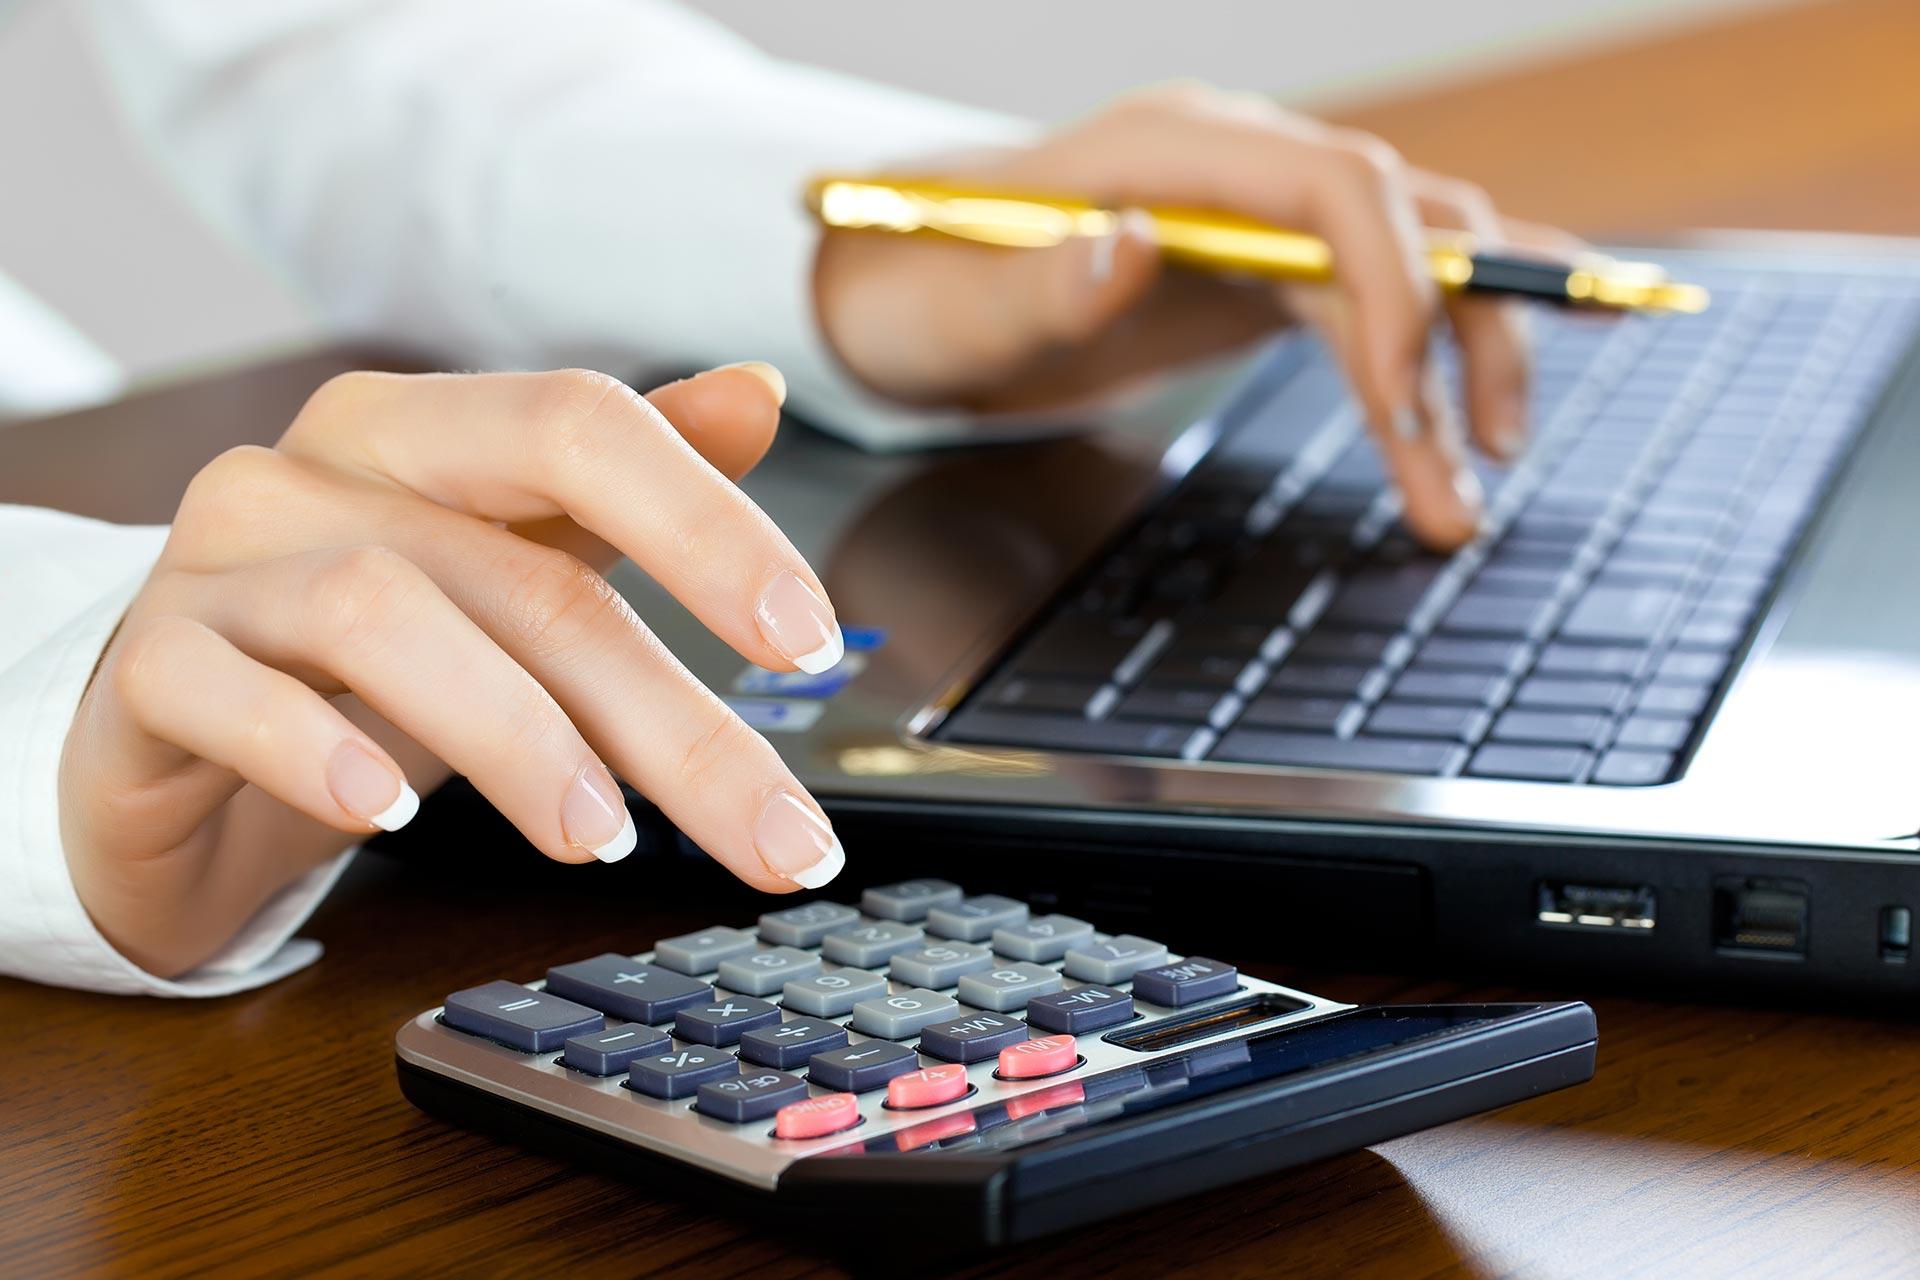 Бесплатный вебинар: Самые выгодные системы налогообложения для ИП